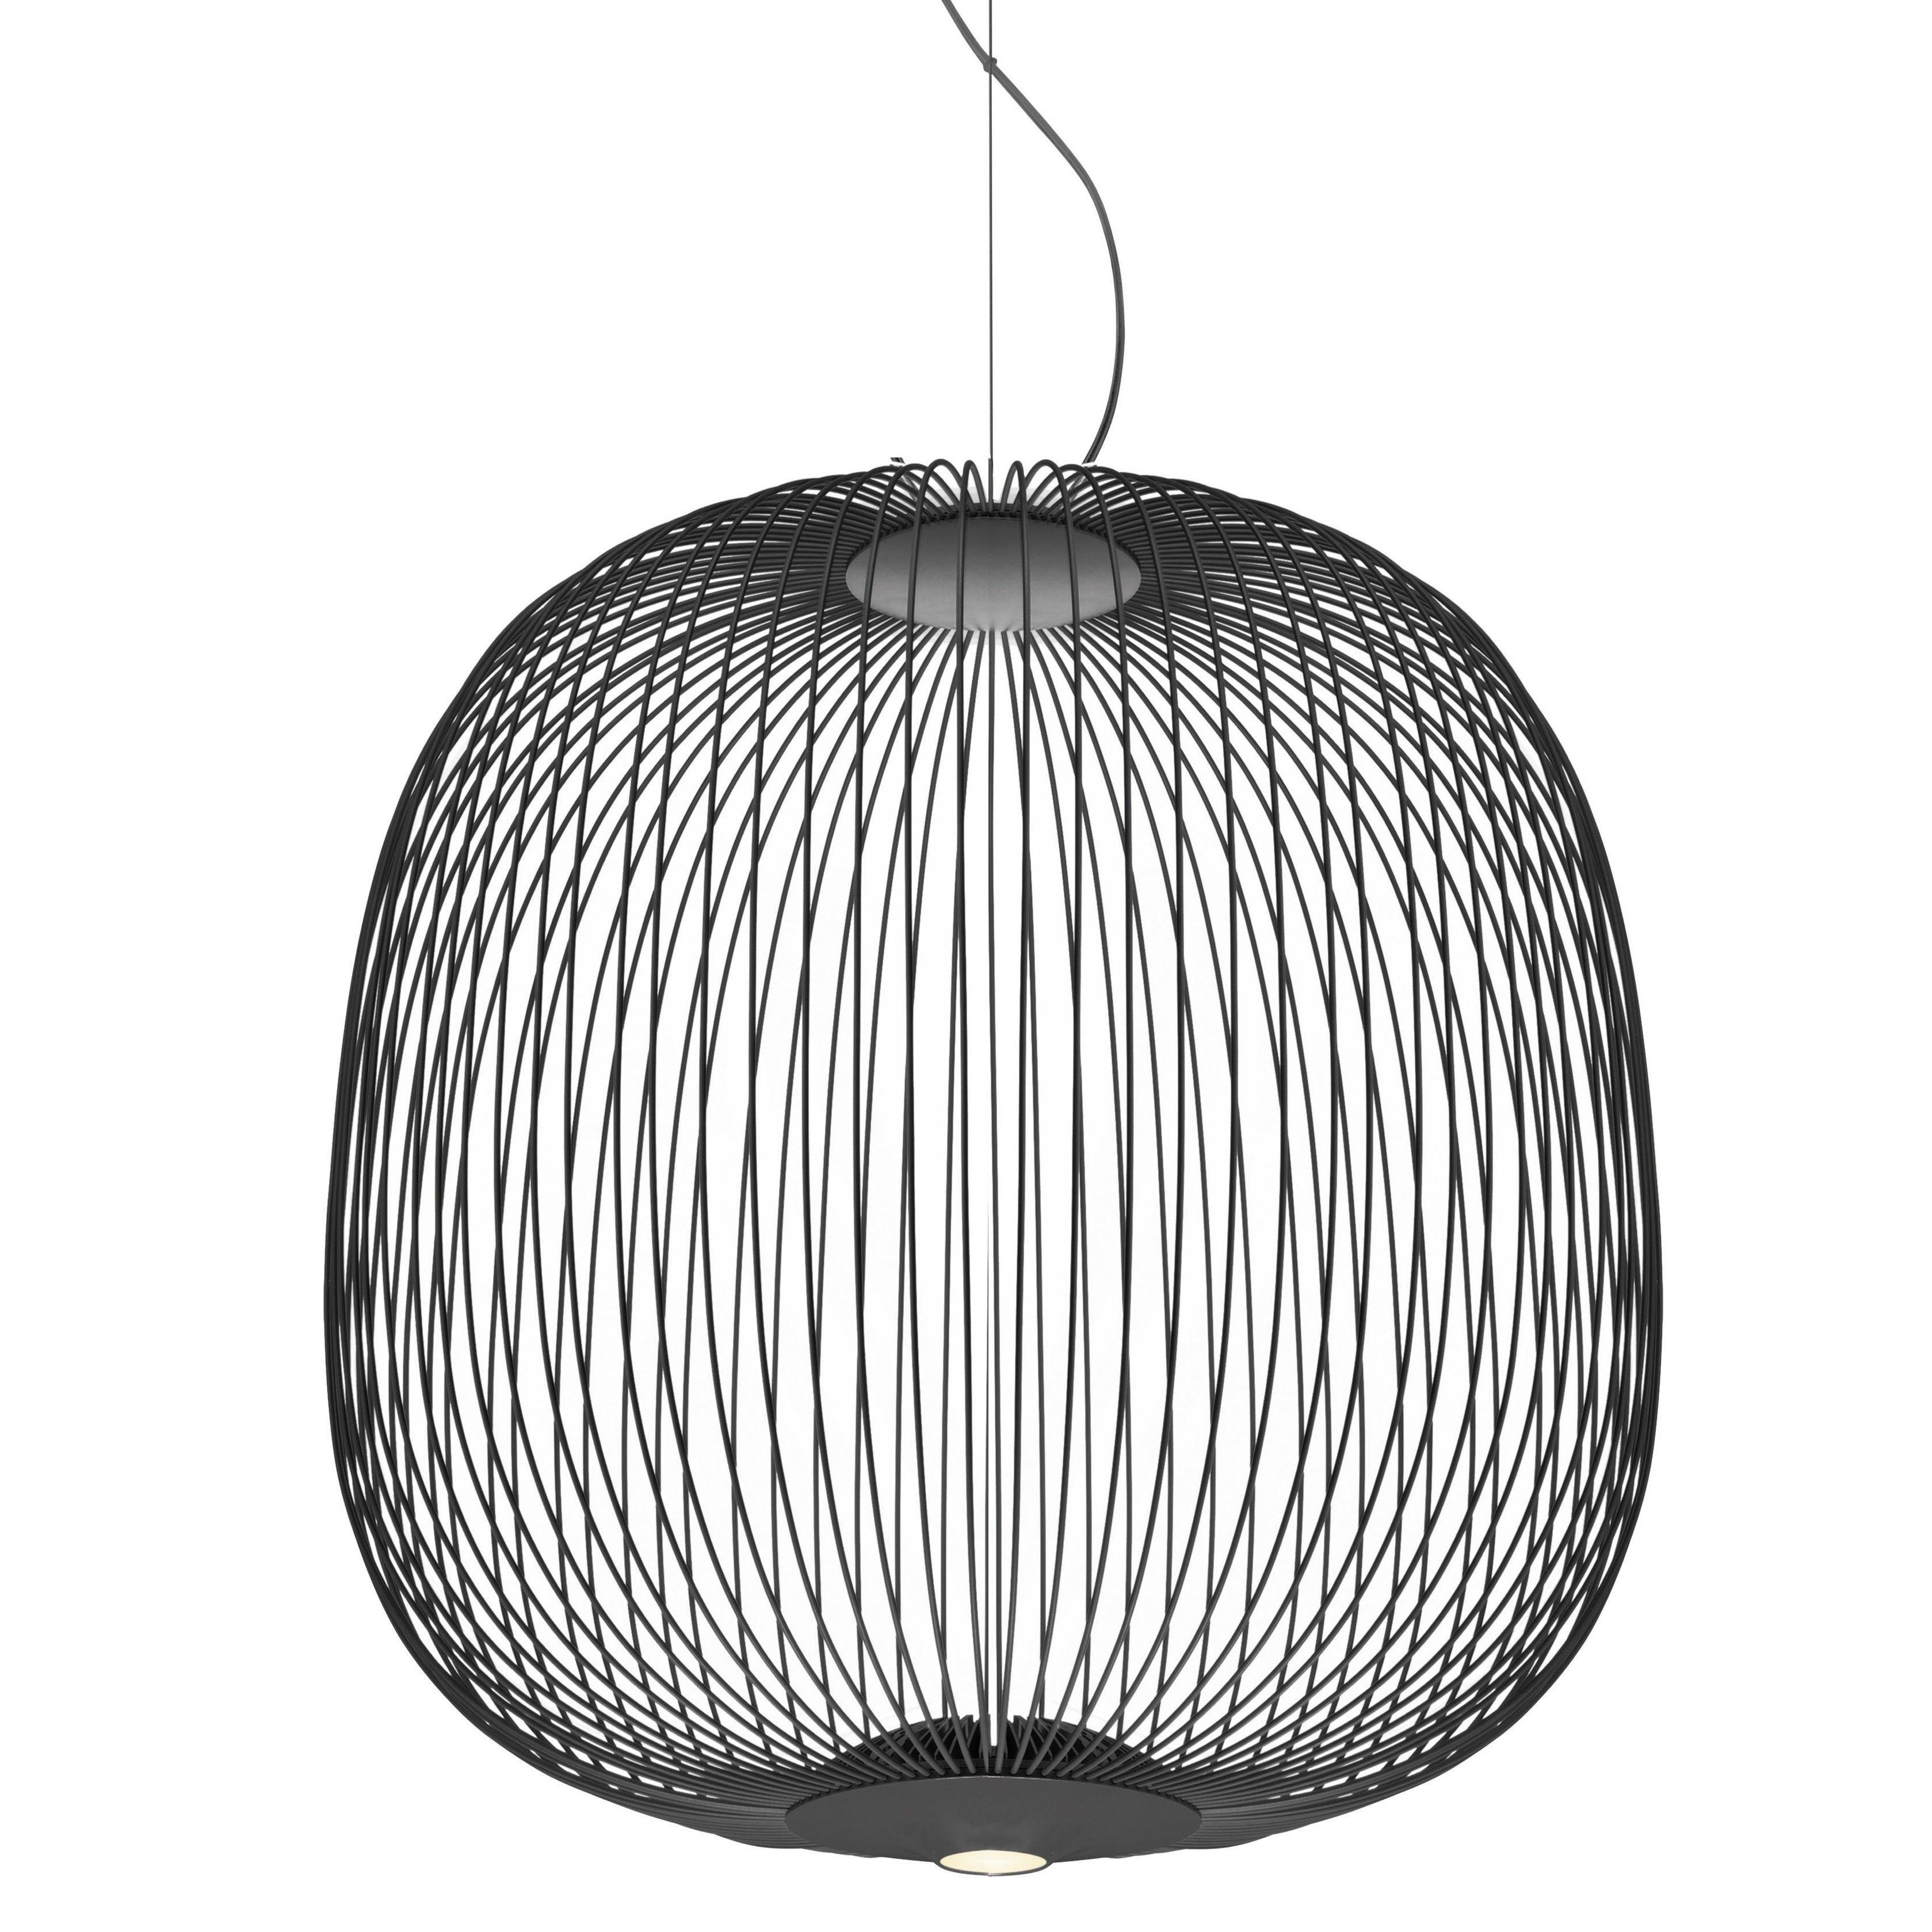 Runde hngelampen excellent x glas schirm hngelampe uform - Papierlampe rund ...